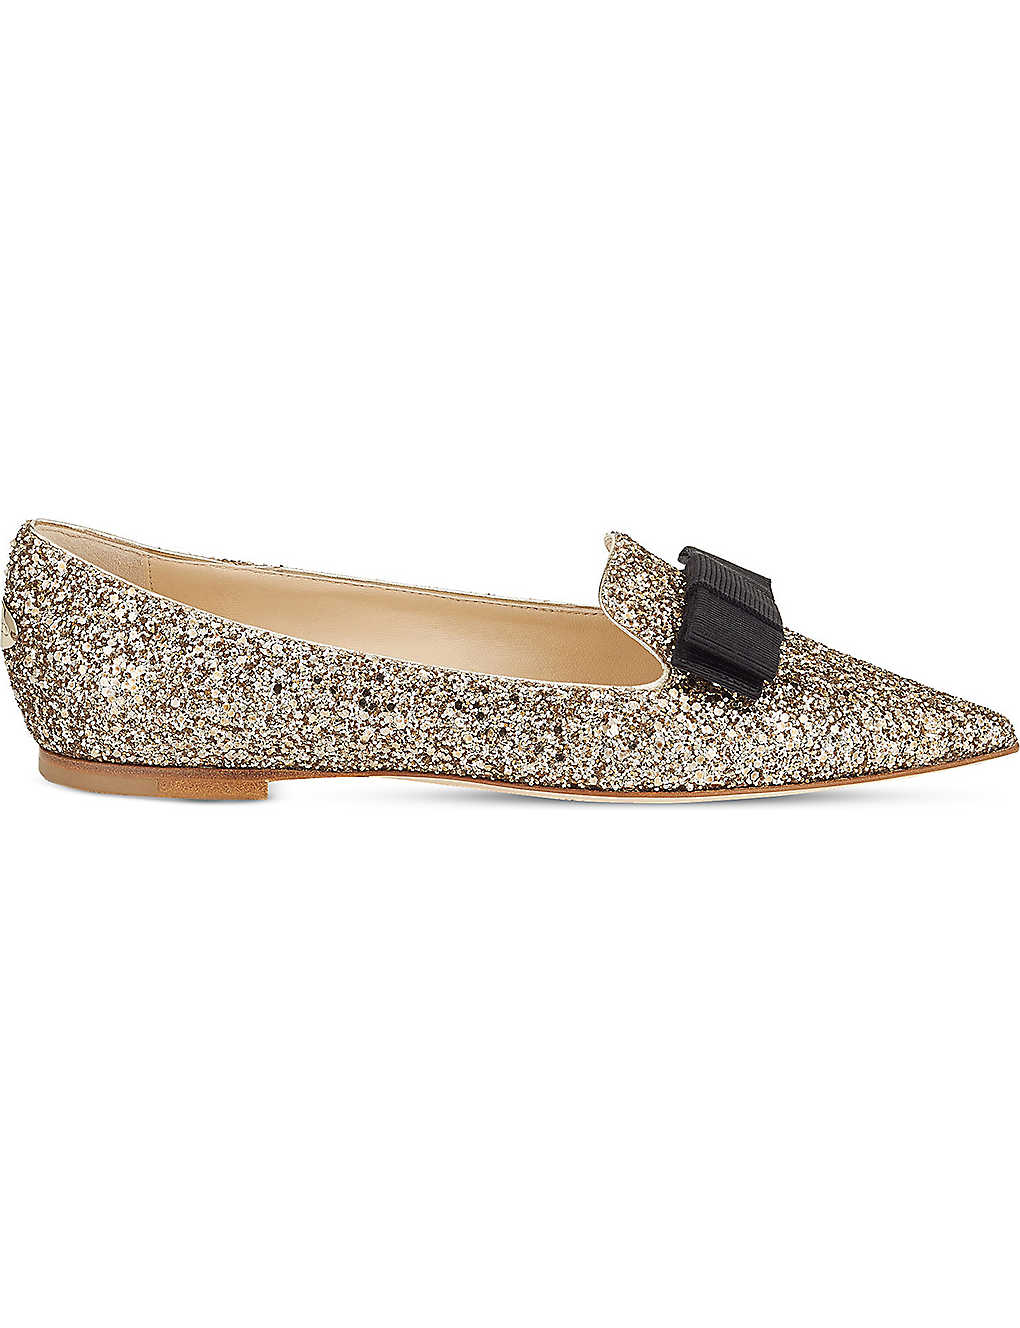 5943ec127 JIMMY CHOO - Gala coarse glitter pointed-toe flats | Selfridges.com